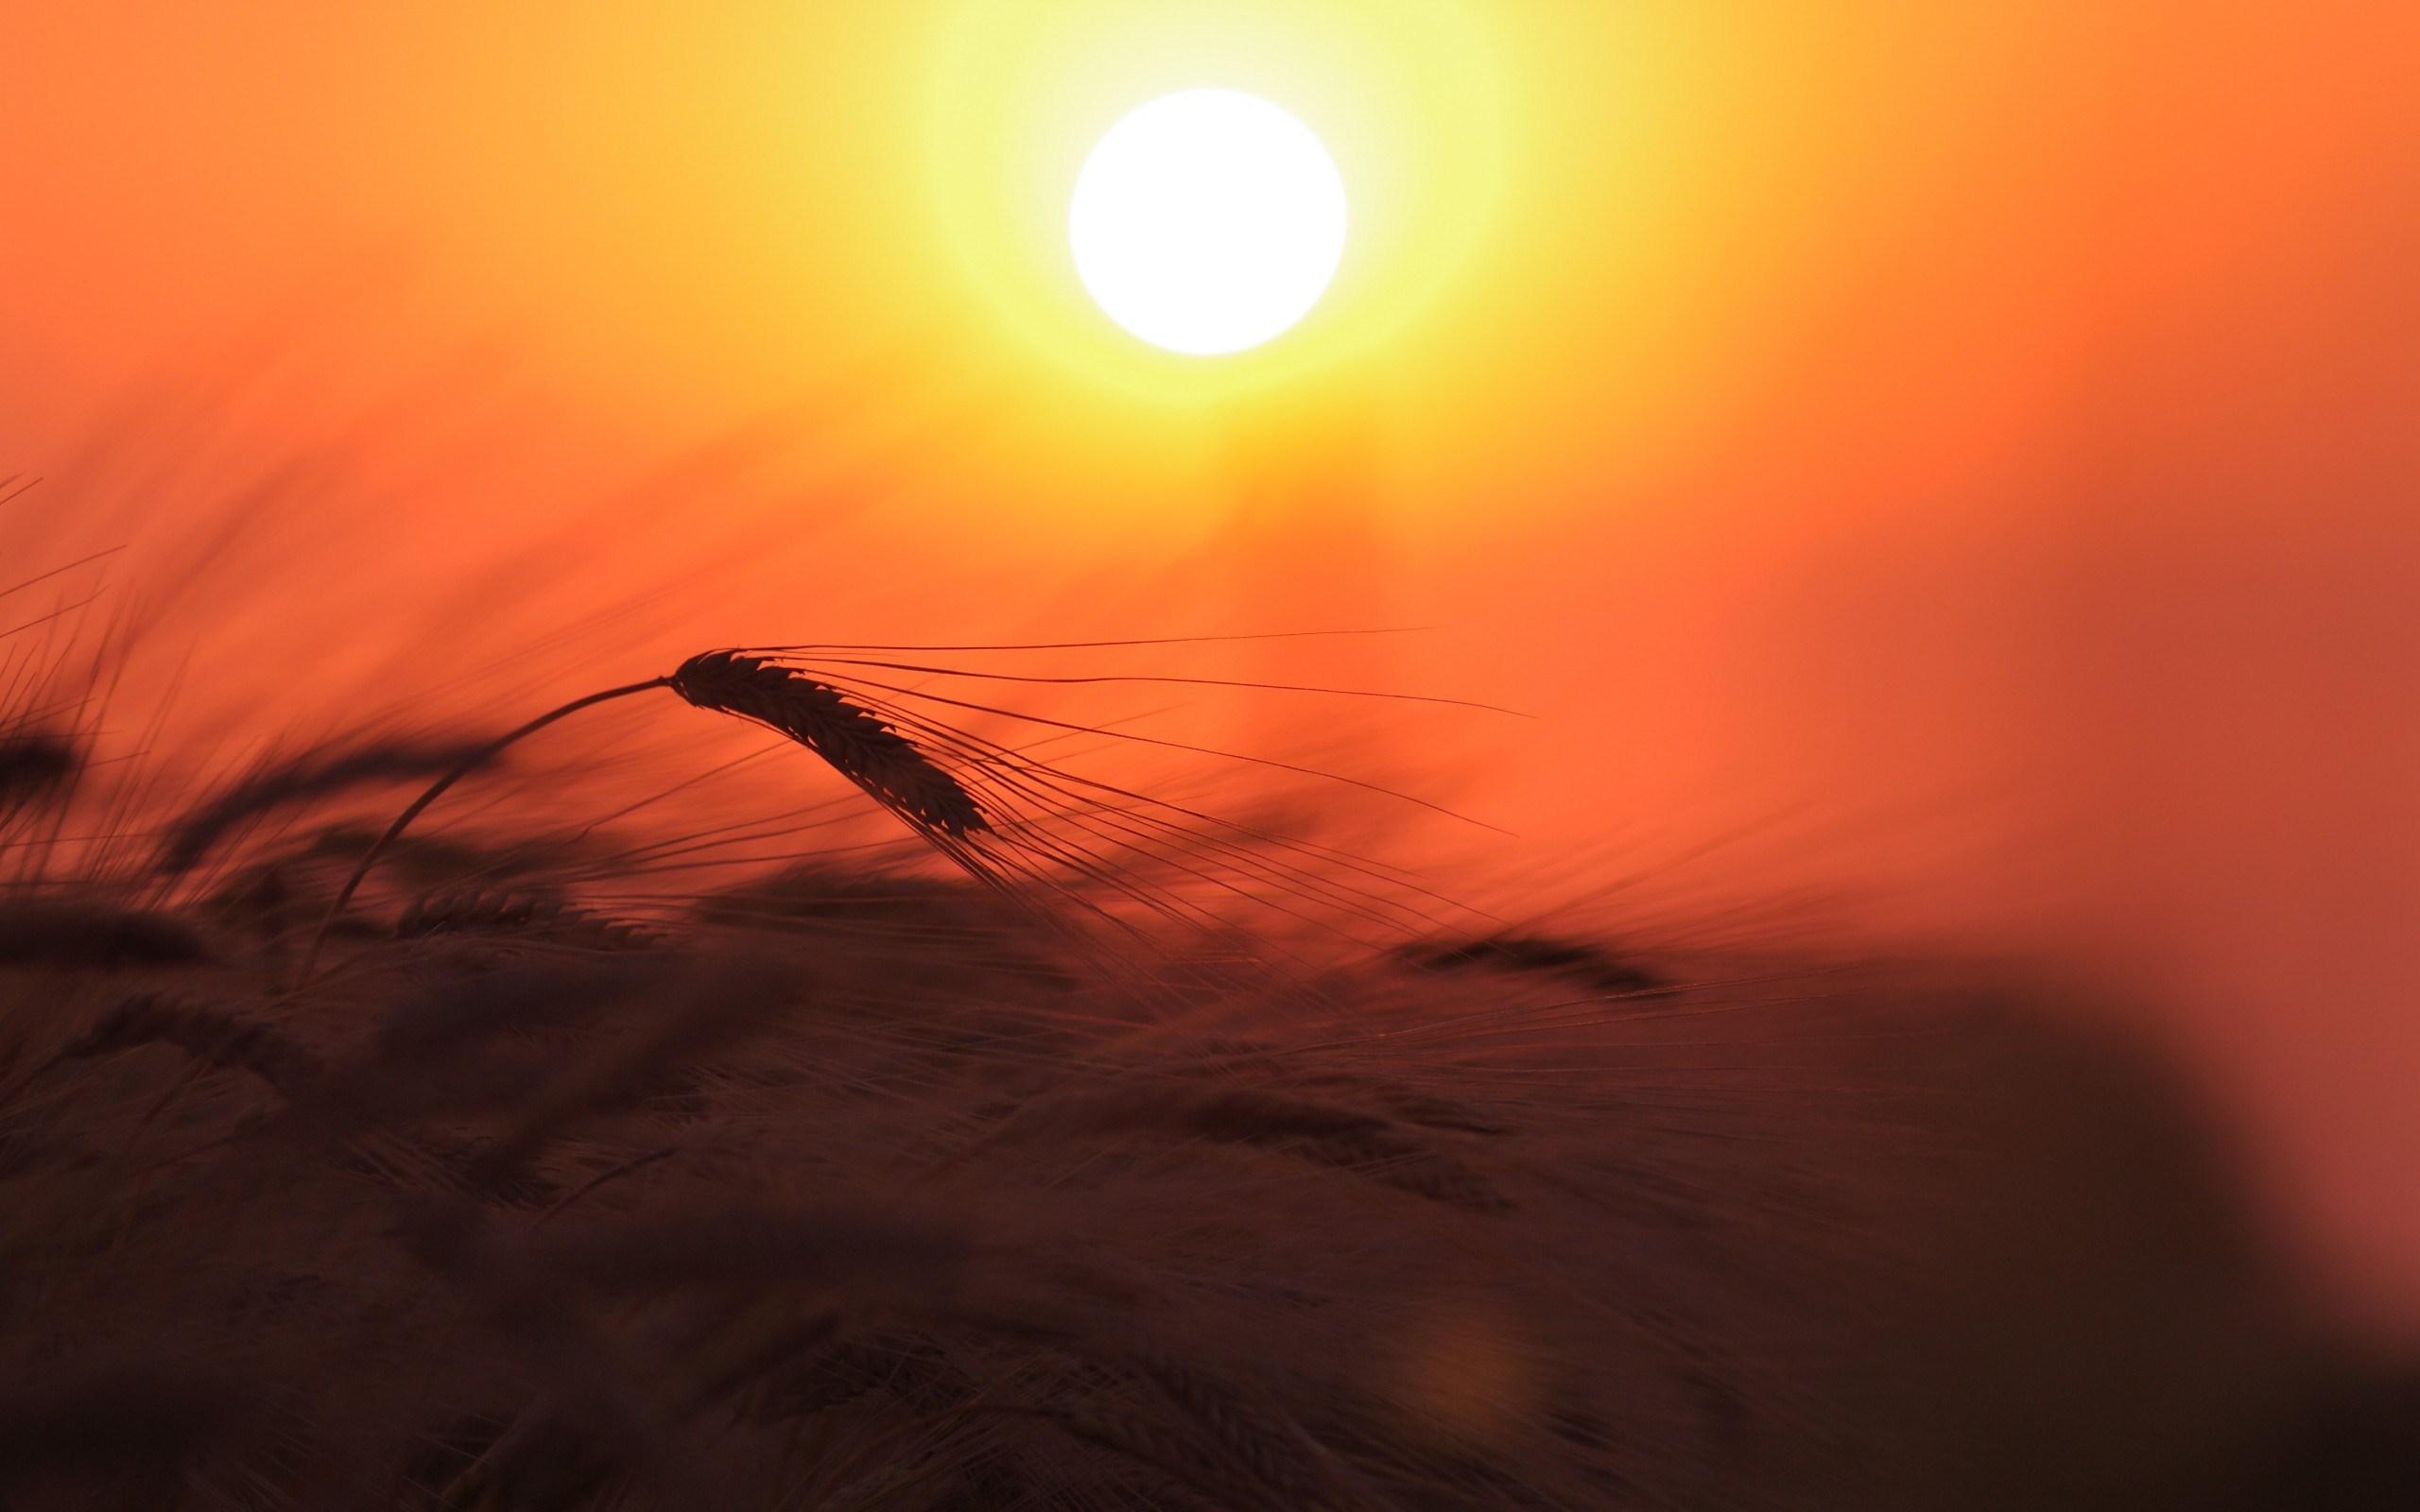 Wheat Field Nature Light Sun Sky Sunset